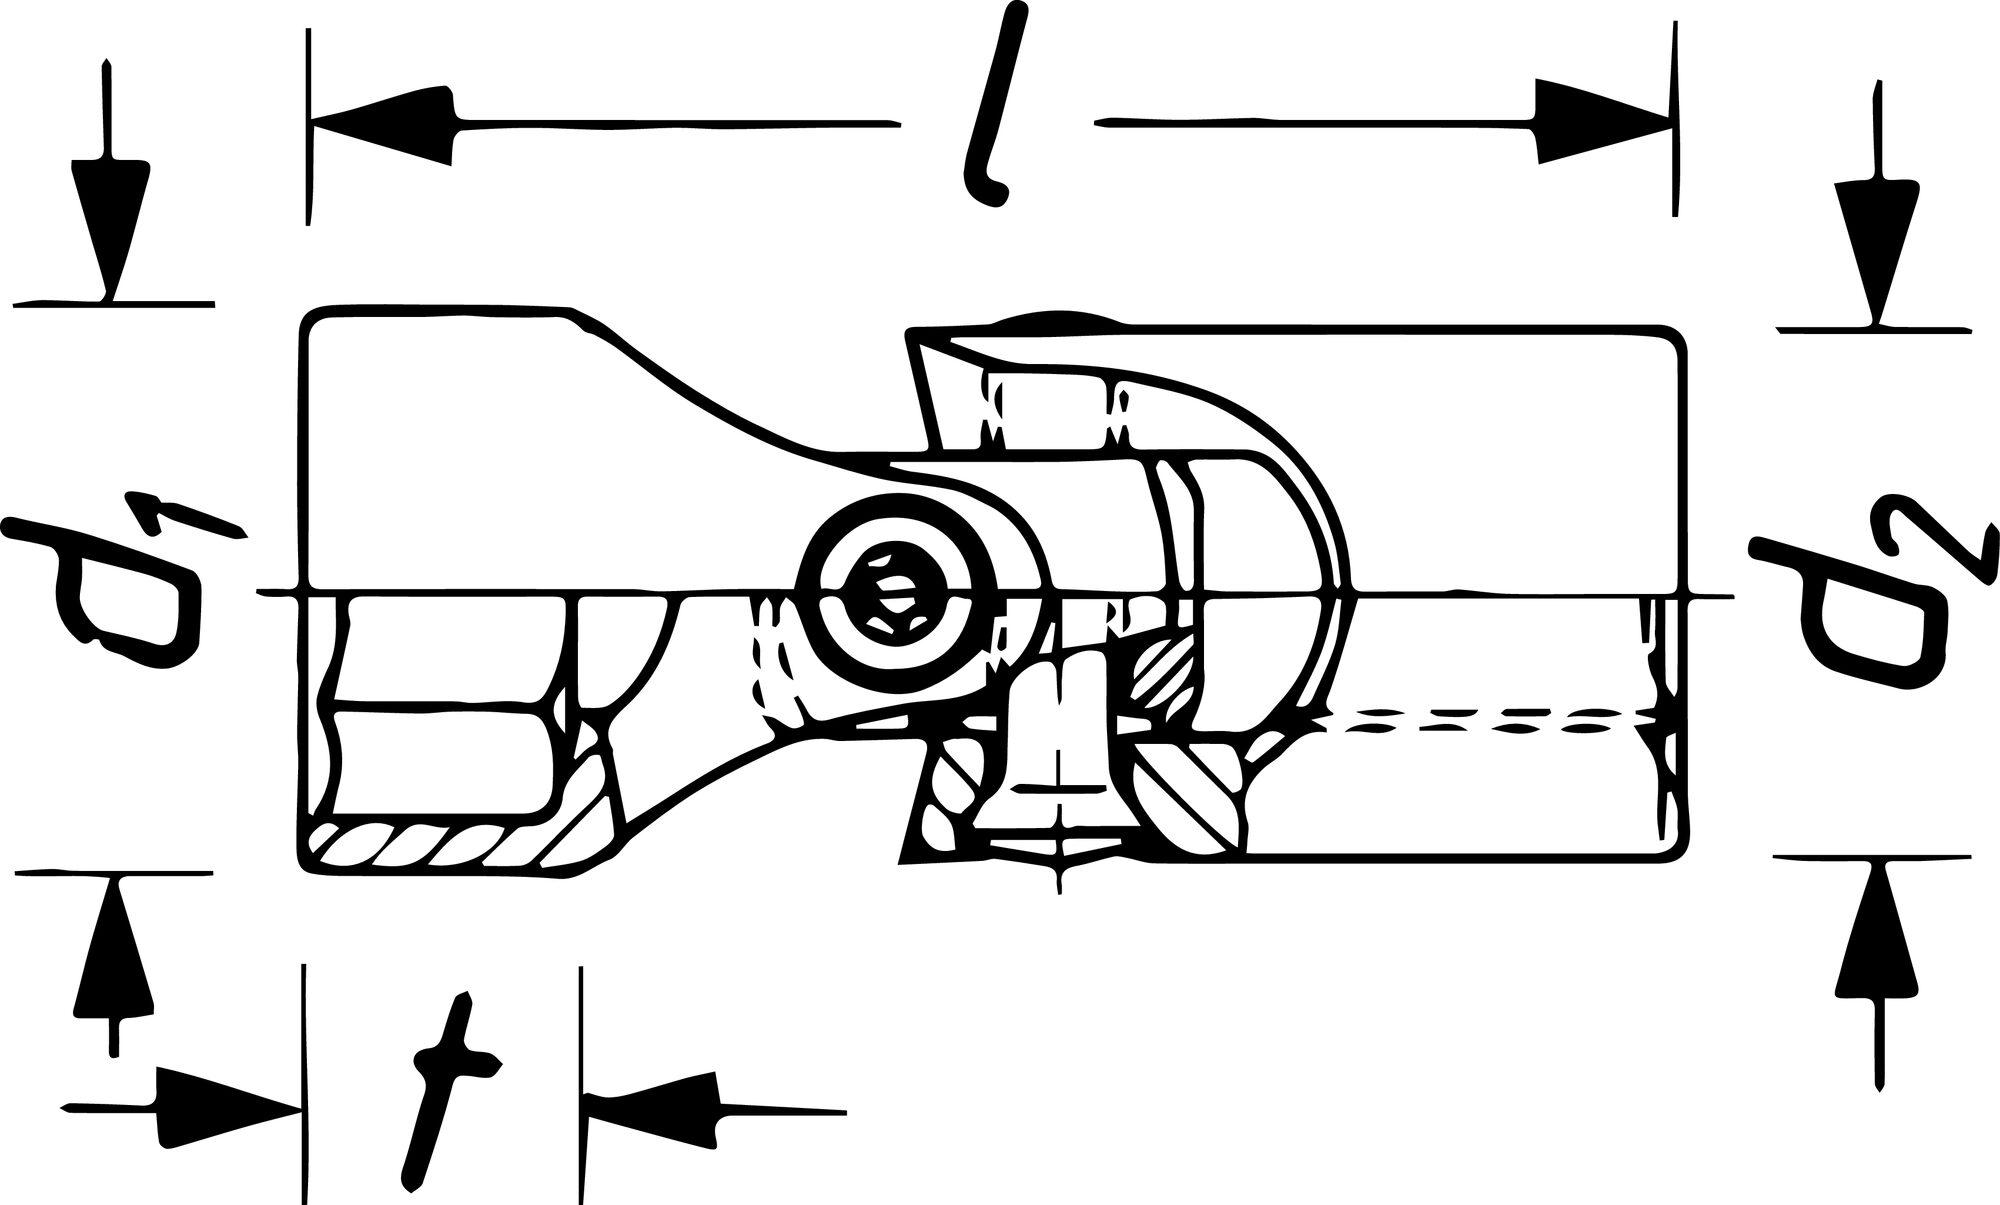 HAZET Gelenk Steckschlüsseleinsatz ∙ Doppelsechskant 880G-Z16 ∙ Vierkant hohl 10 mm (3/8 Zoll) ∙ 16 mm